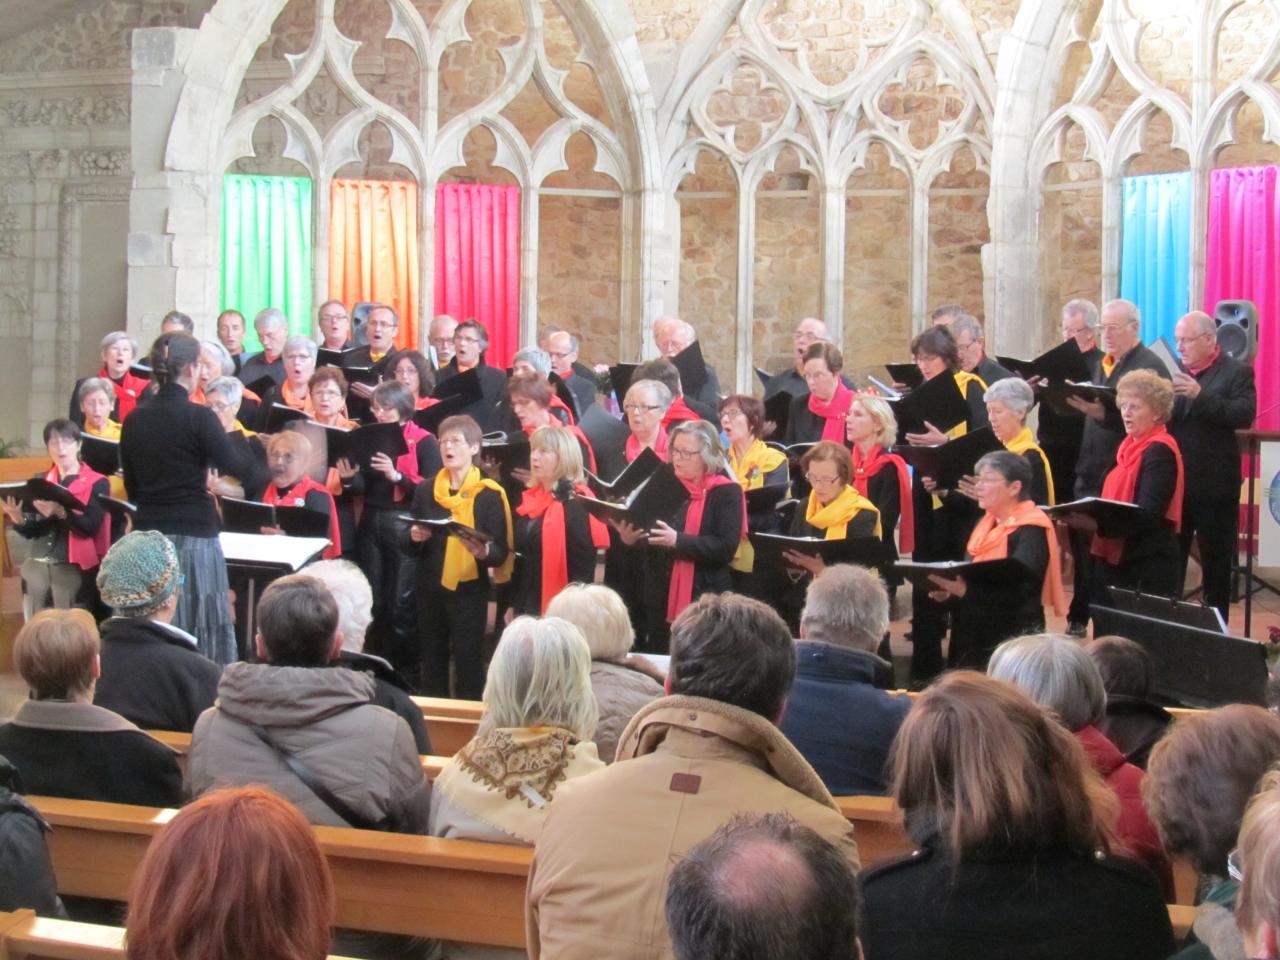 Harmonia février 2014 - Concert à Laval